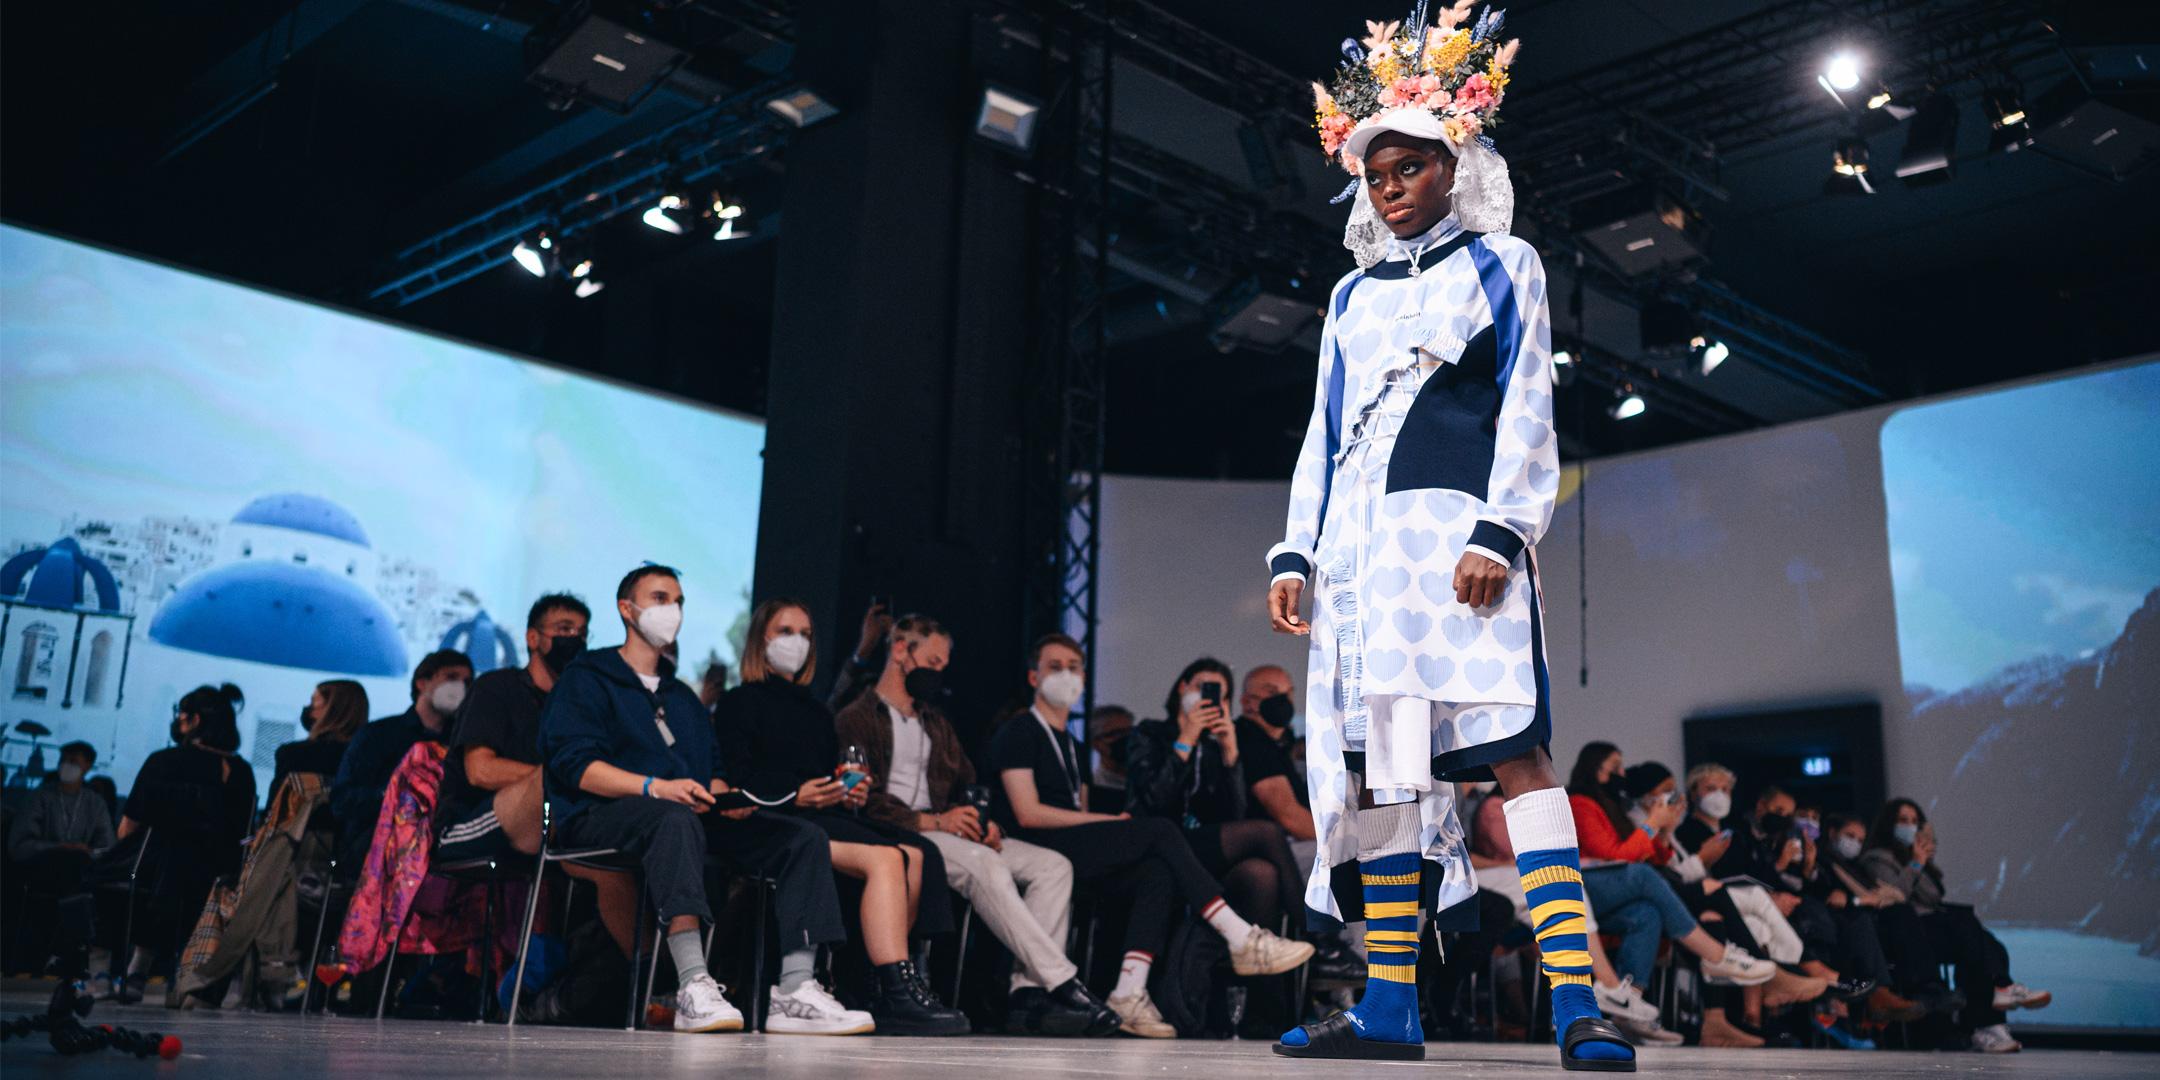 Bilder der Neo.Fashion. 2021 – Part 1